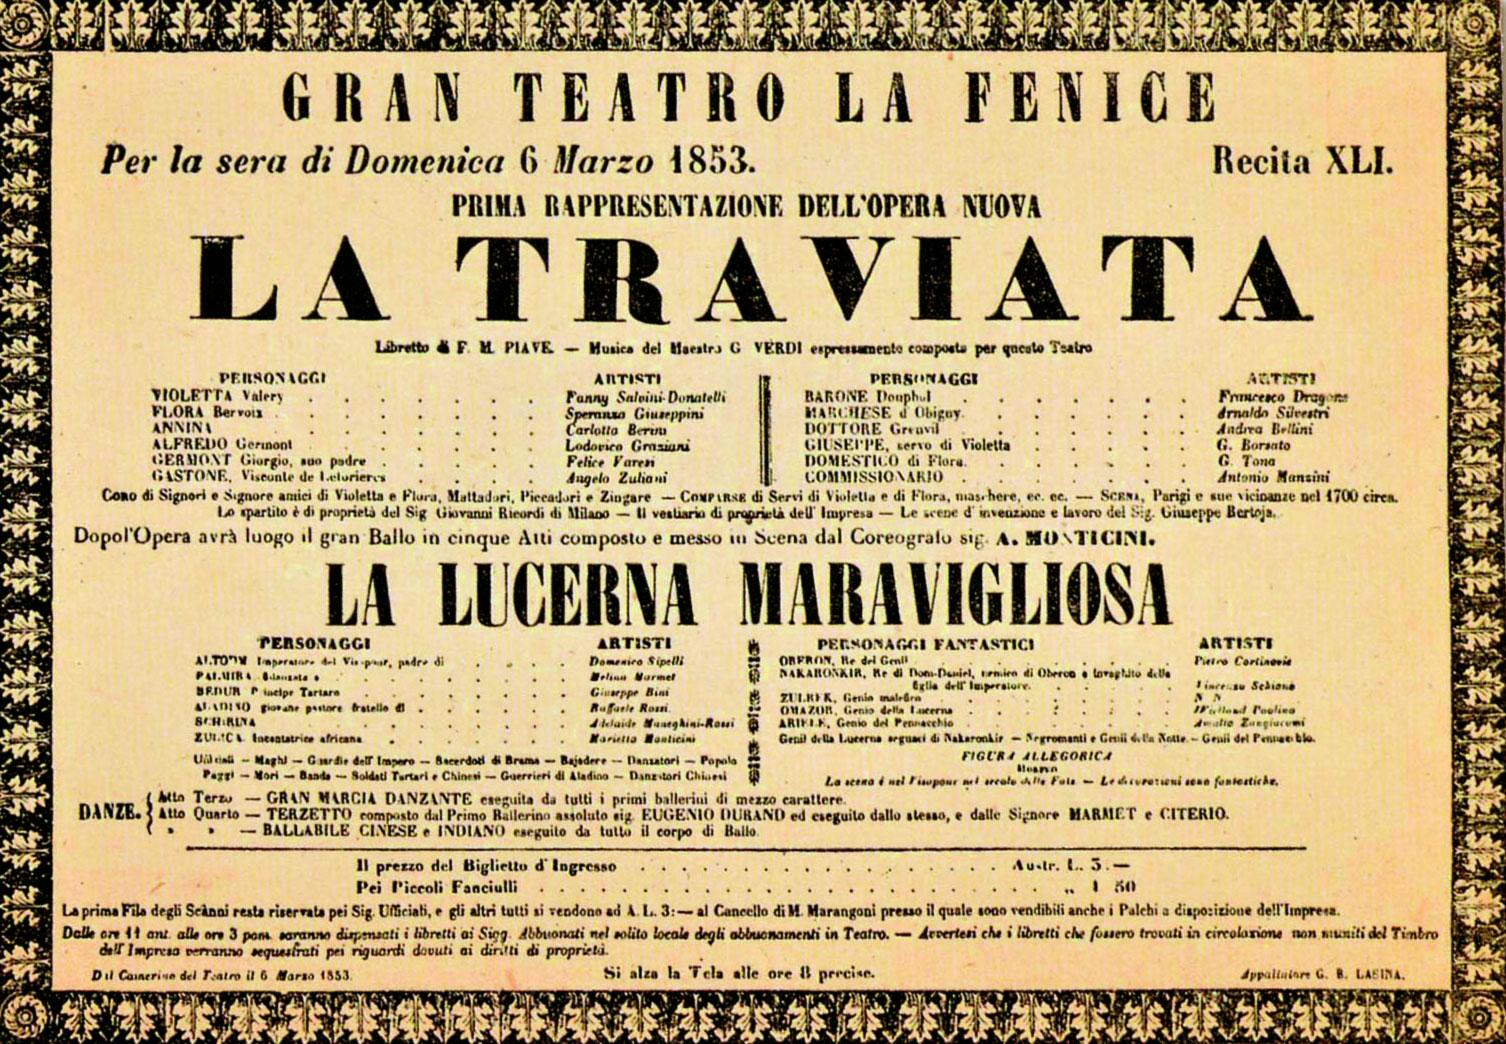 La traviata, locandina del 6 Marzo 1853